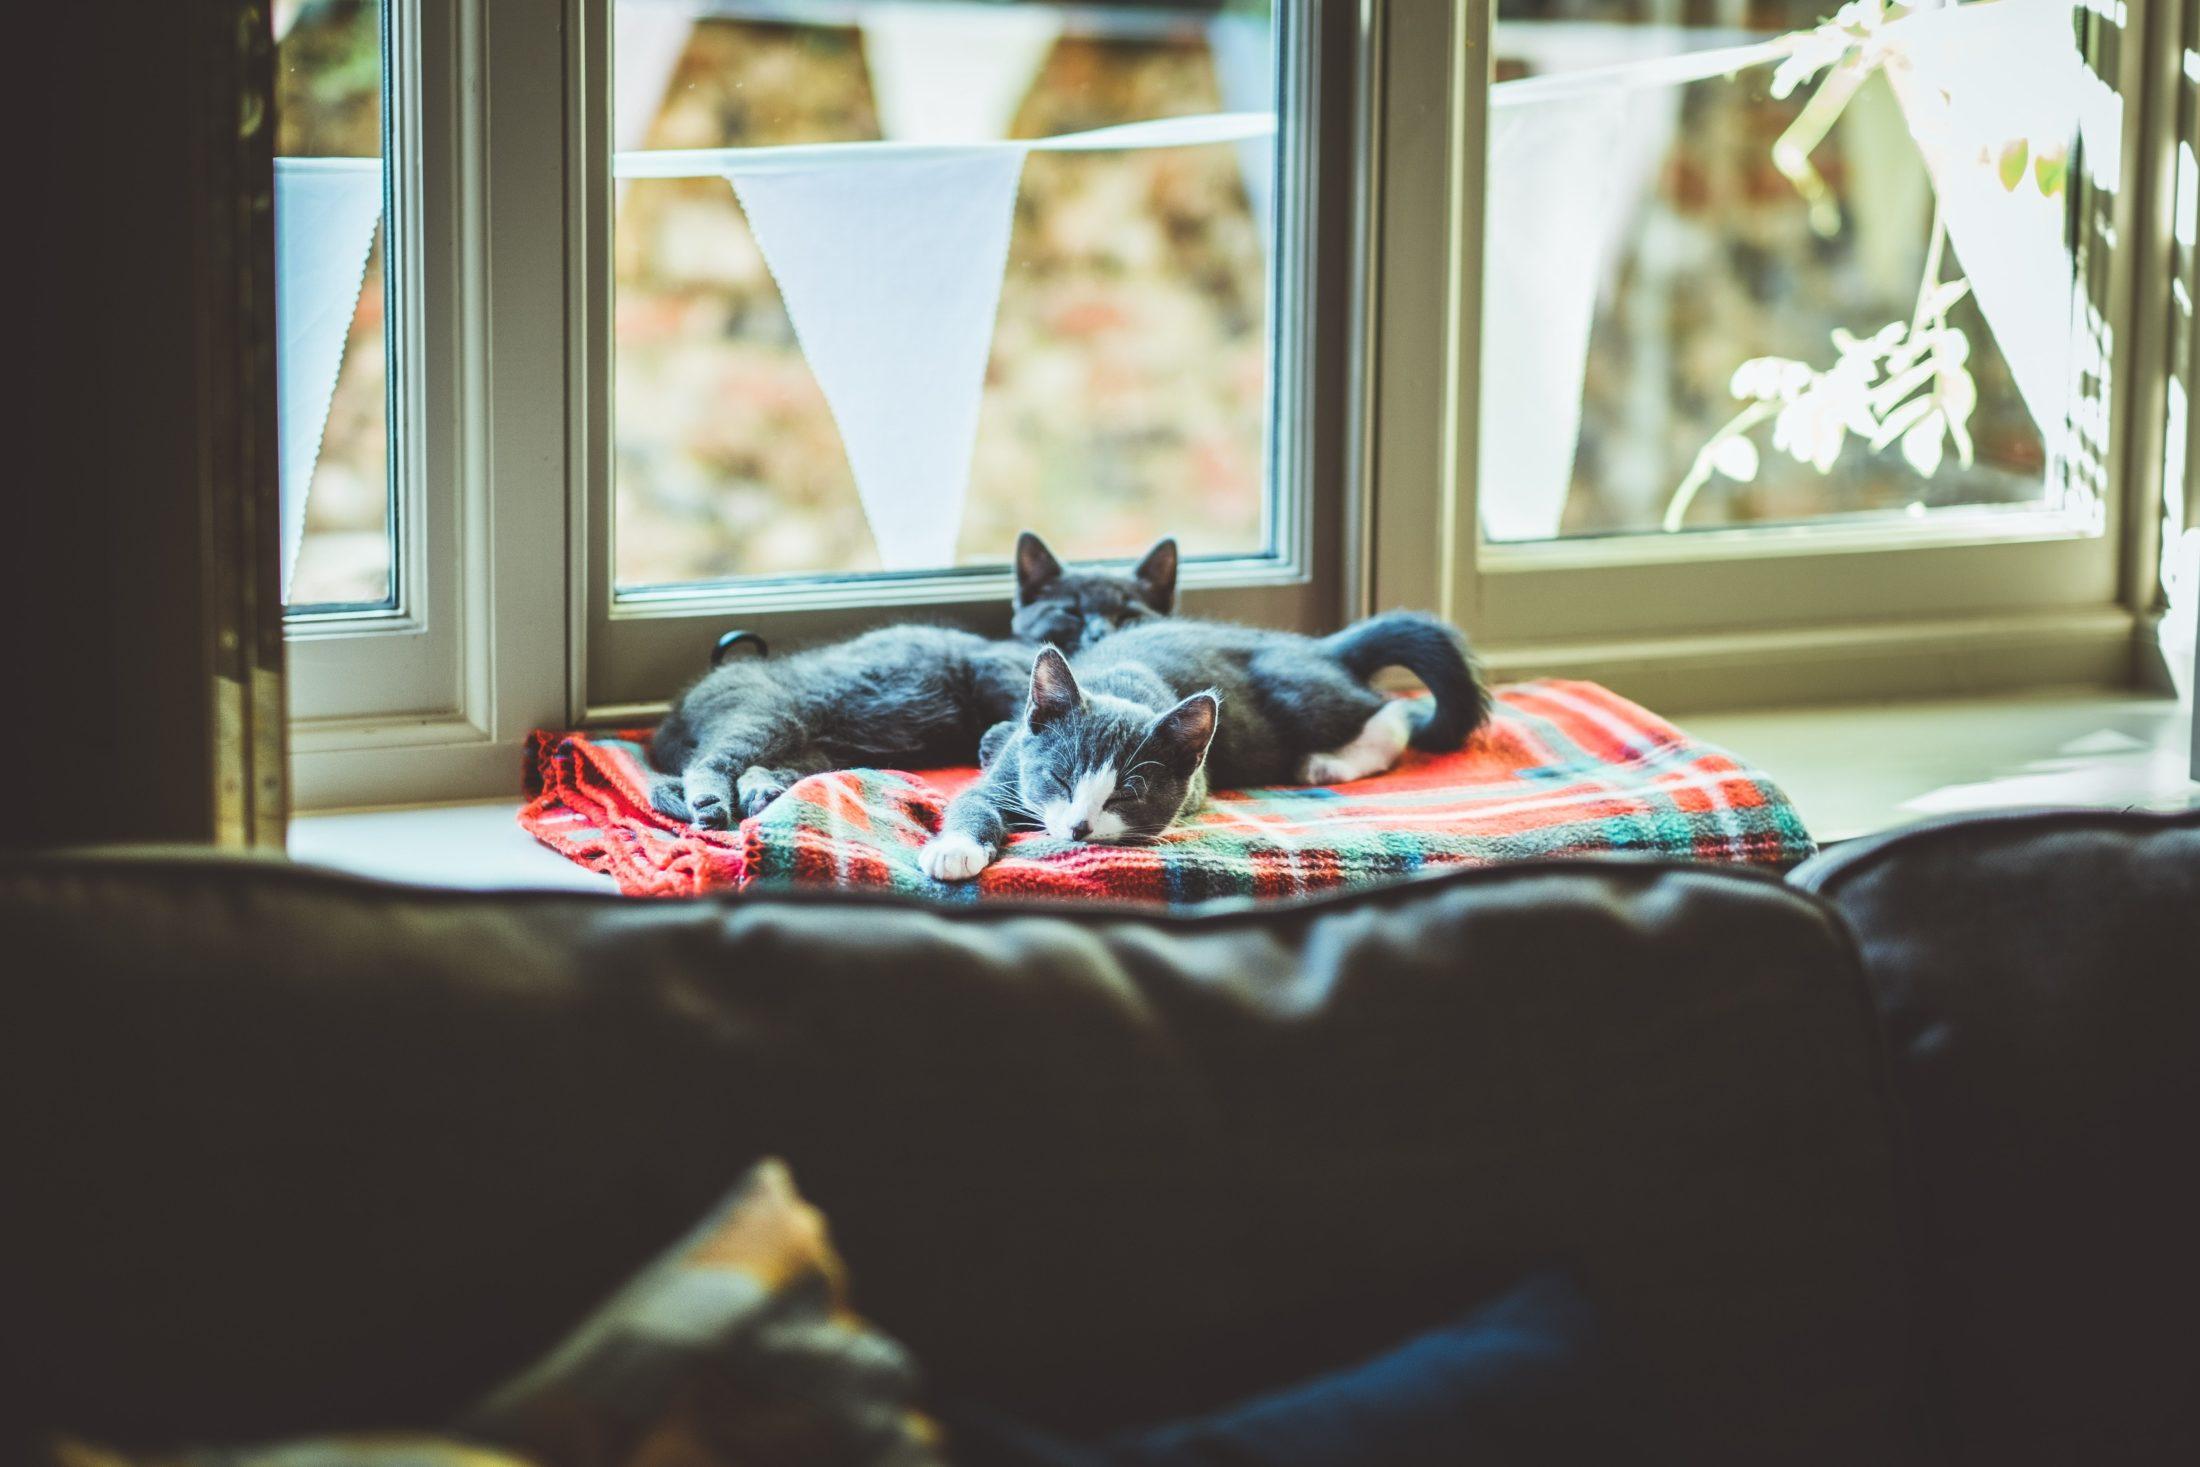 gatos deitados próximos à janela